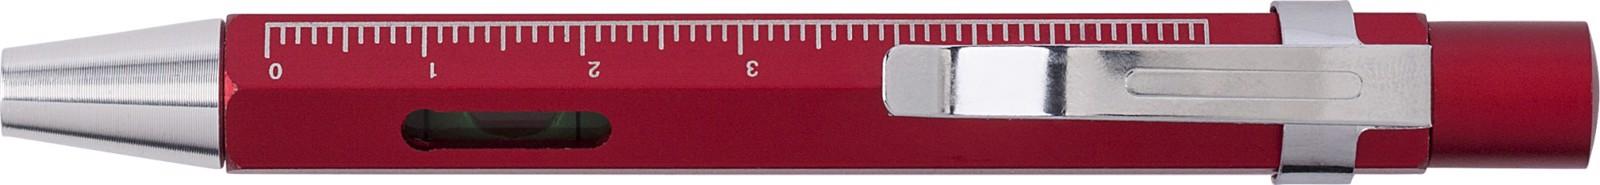 Aluminium 3-in-1 screwdriver - Red